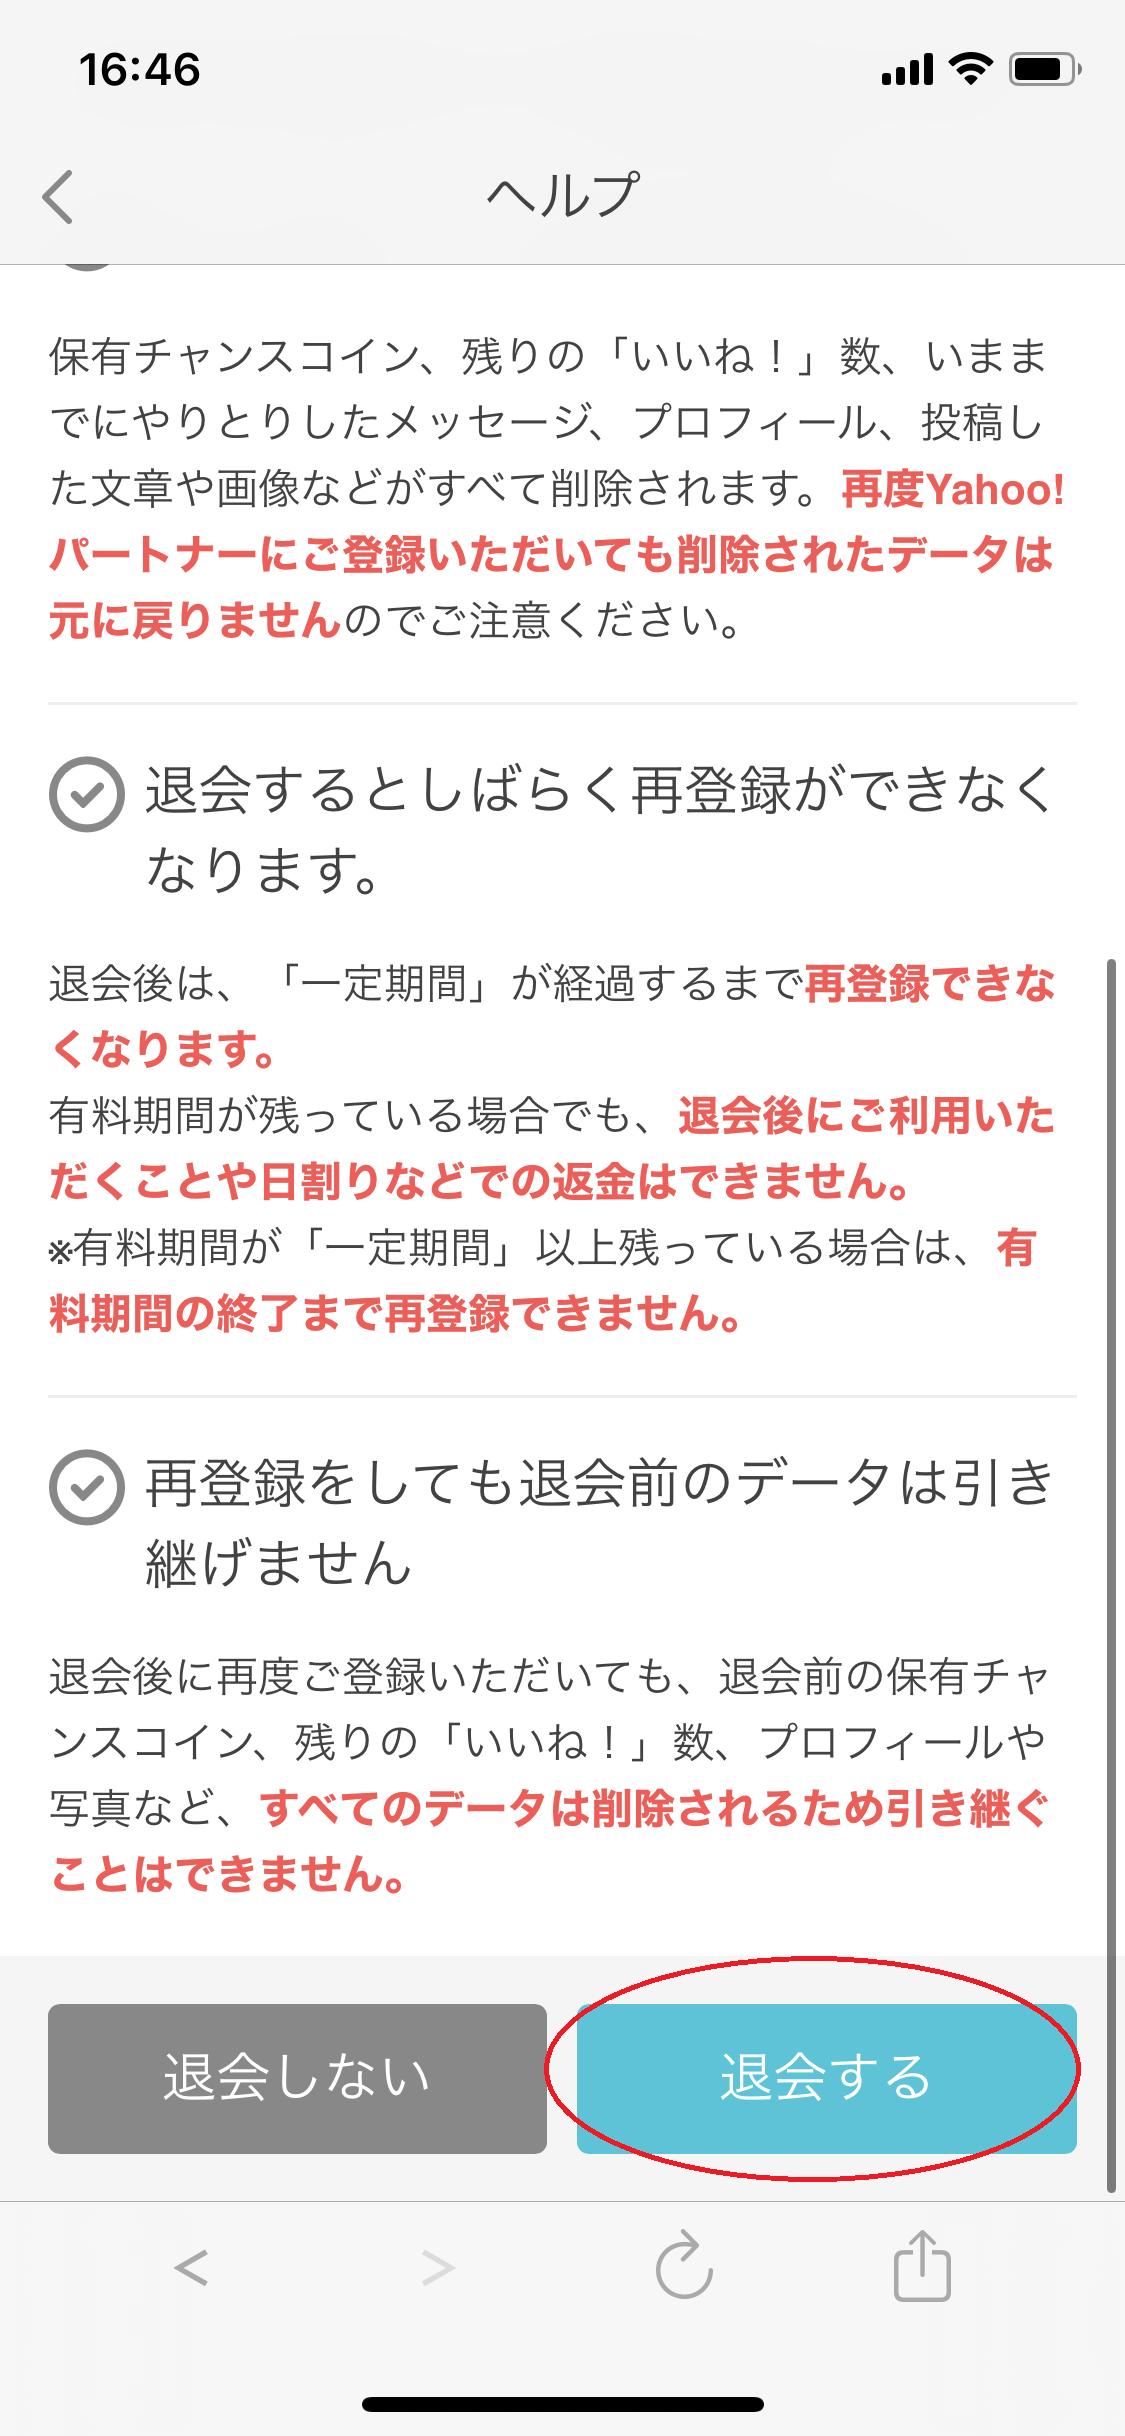 Yahoo!パートナー 「退会する」をタップ